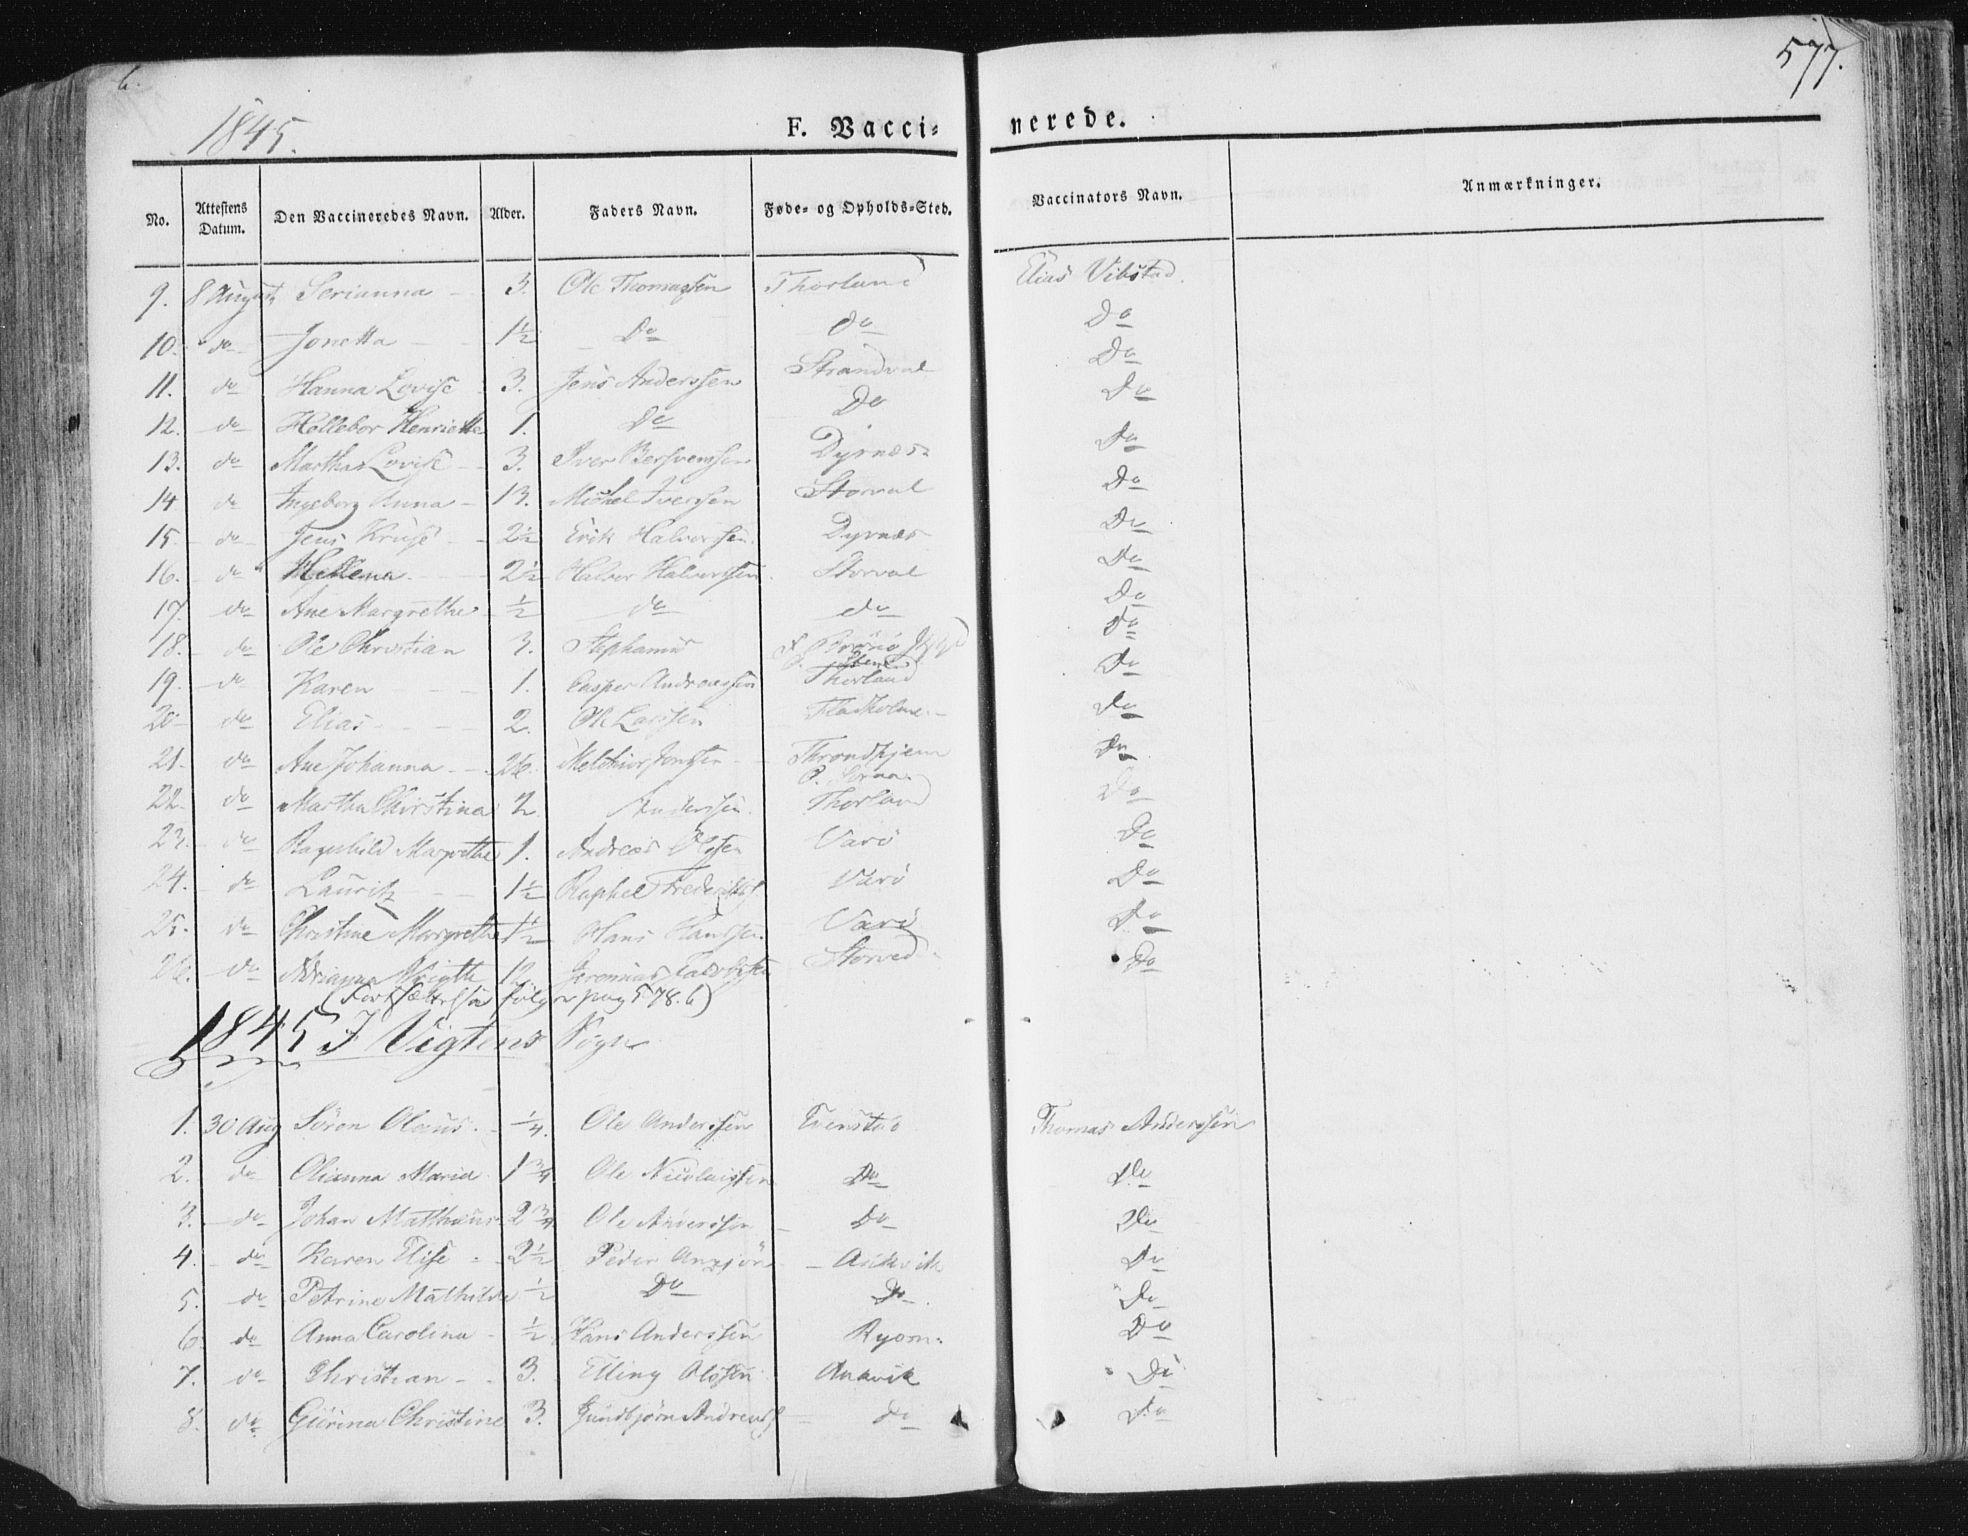 SAT, Ministerialprotokoller, klokkerbøker og fødselsregistre - Nord-Trøndelag, 784/L0669: Ministerialbok nr. 784A04, 1829-1859, s. 577